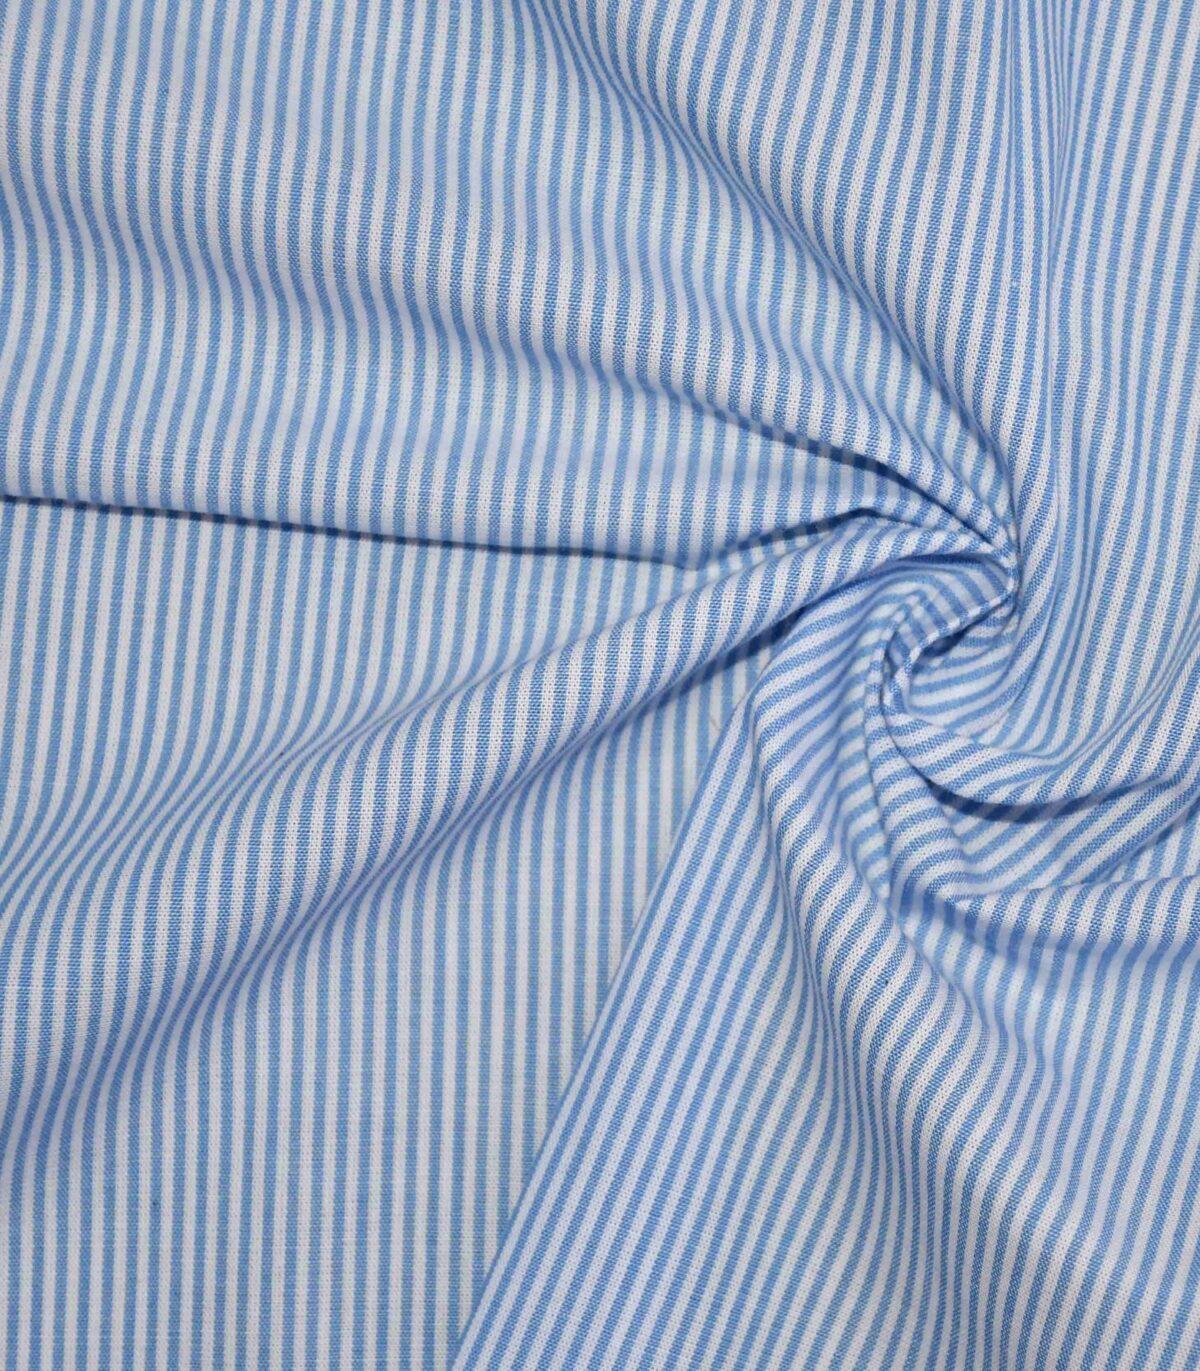 Blue & White Cotton Stripe Fabric